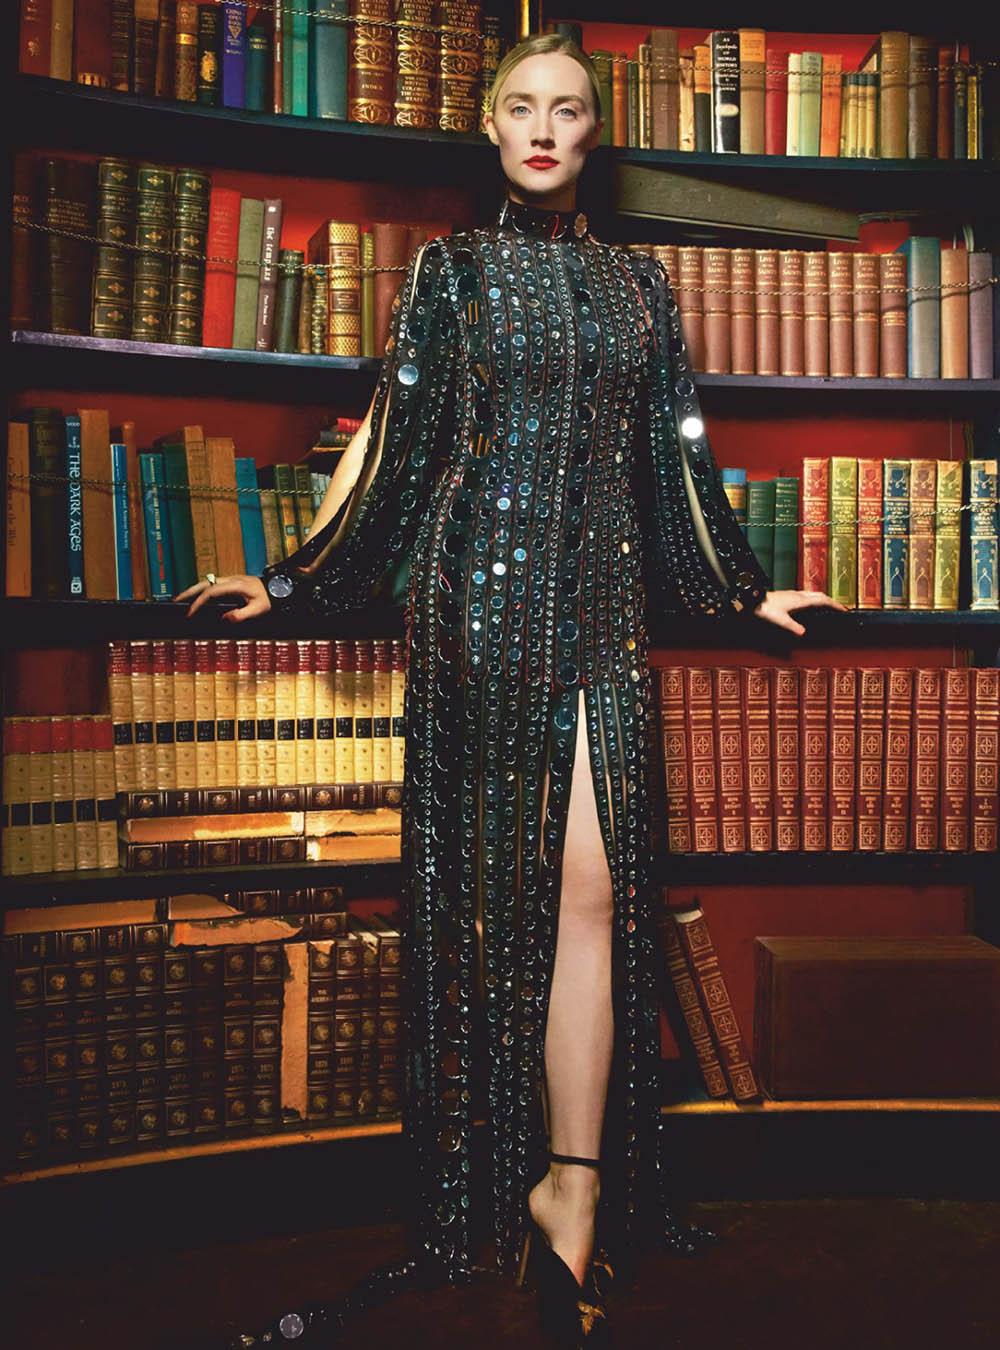 Saoirse Ronan covers Harper's Bazaar UK February 2019 by Erik Madigan Heck